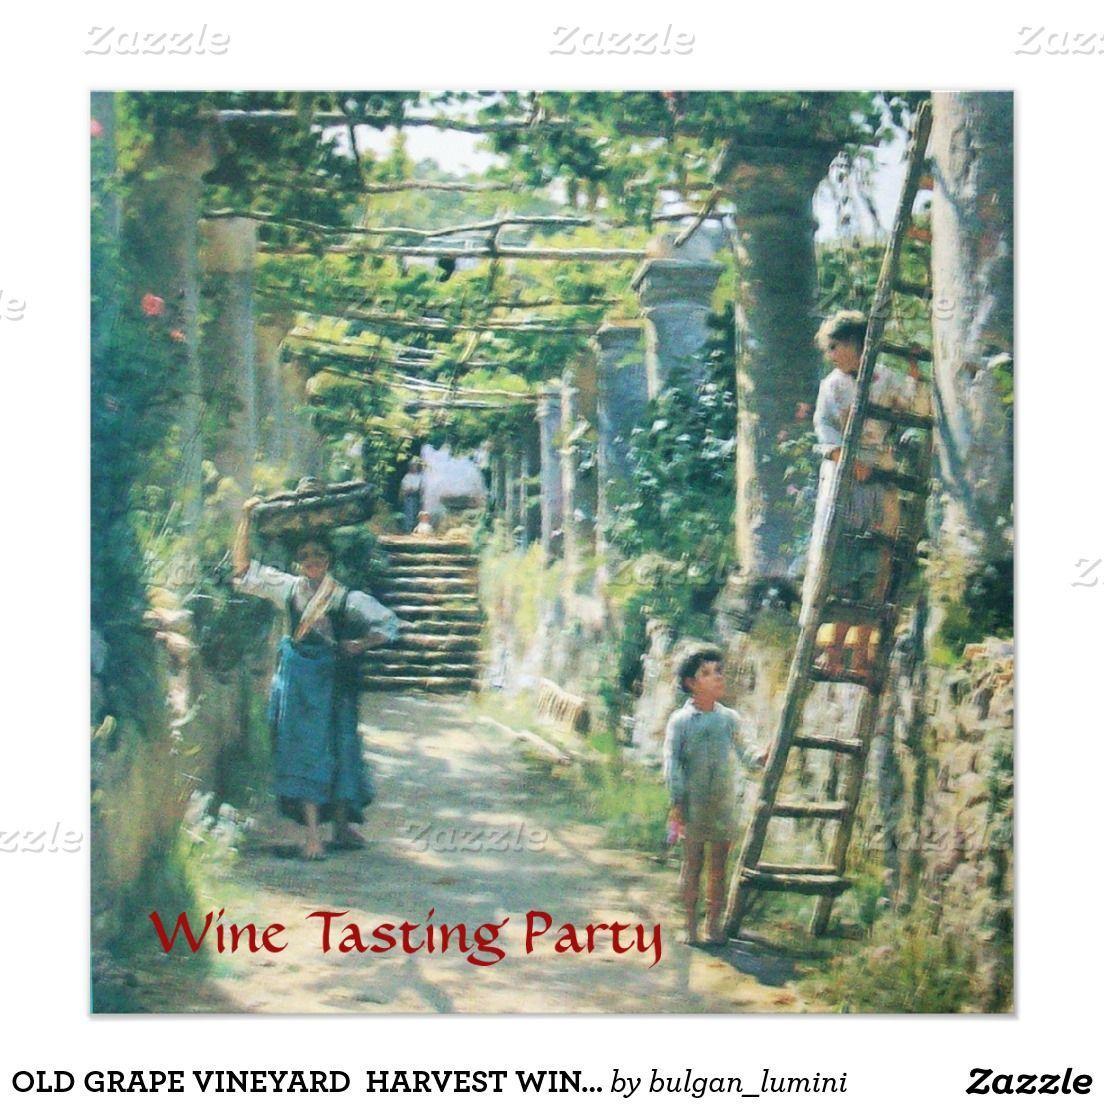 OLD GRAPE VINEYARD  HARVEST WINE TASTING PARTY INVITATION